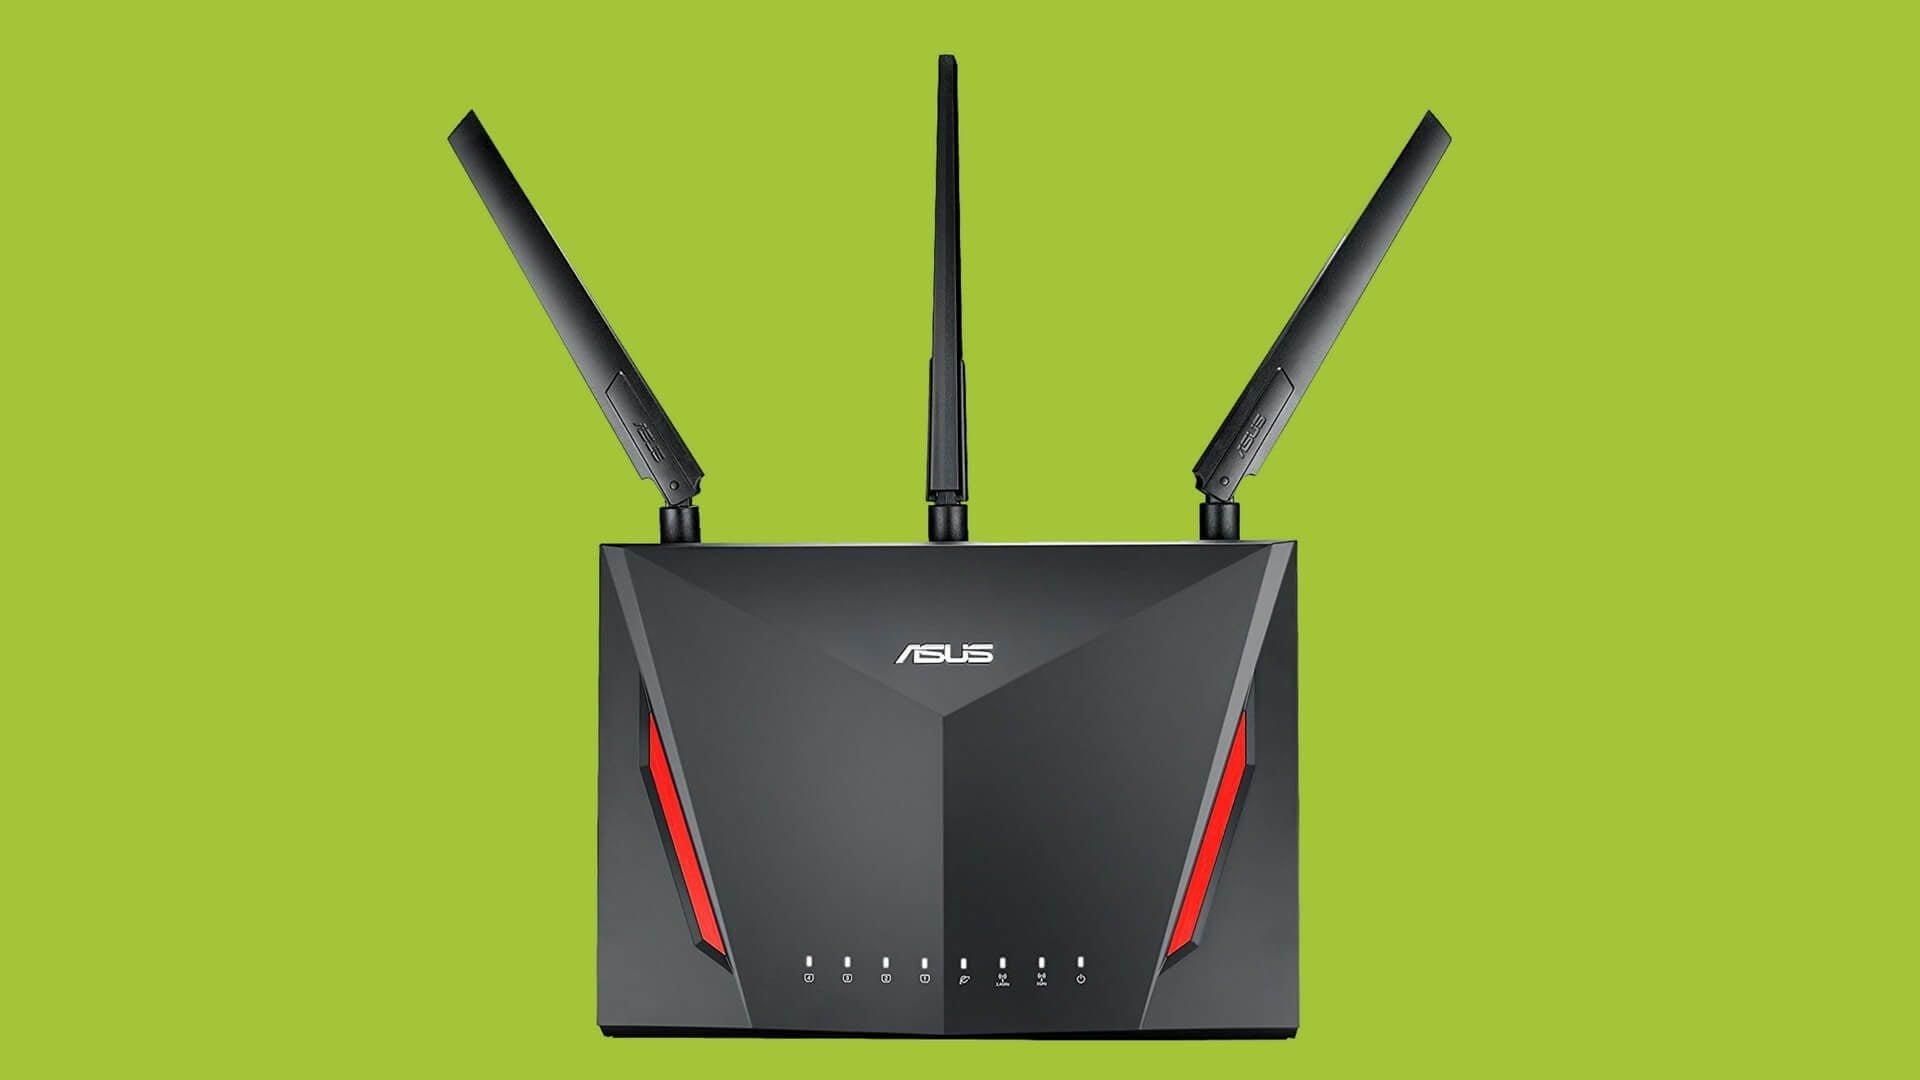 Asus Rt Ac86u Test Der Wahrscheinlich Schnellste Vpn Router Der Welt